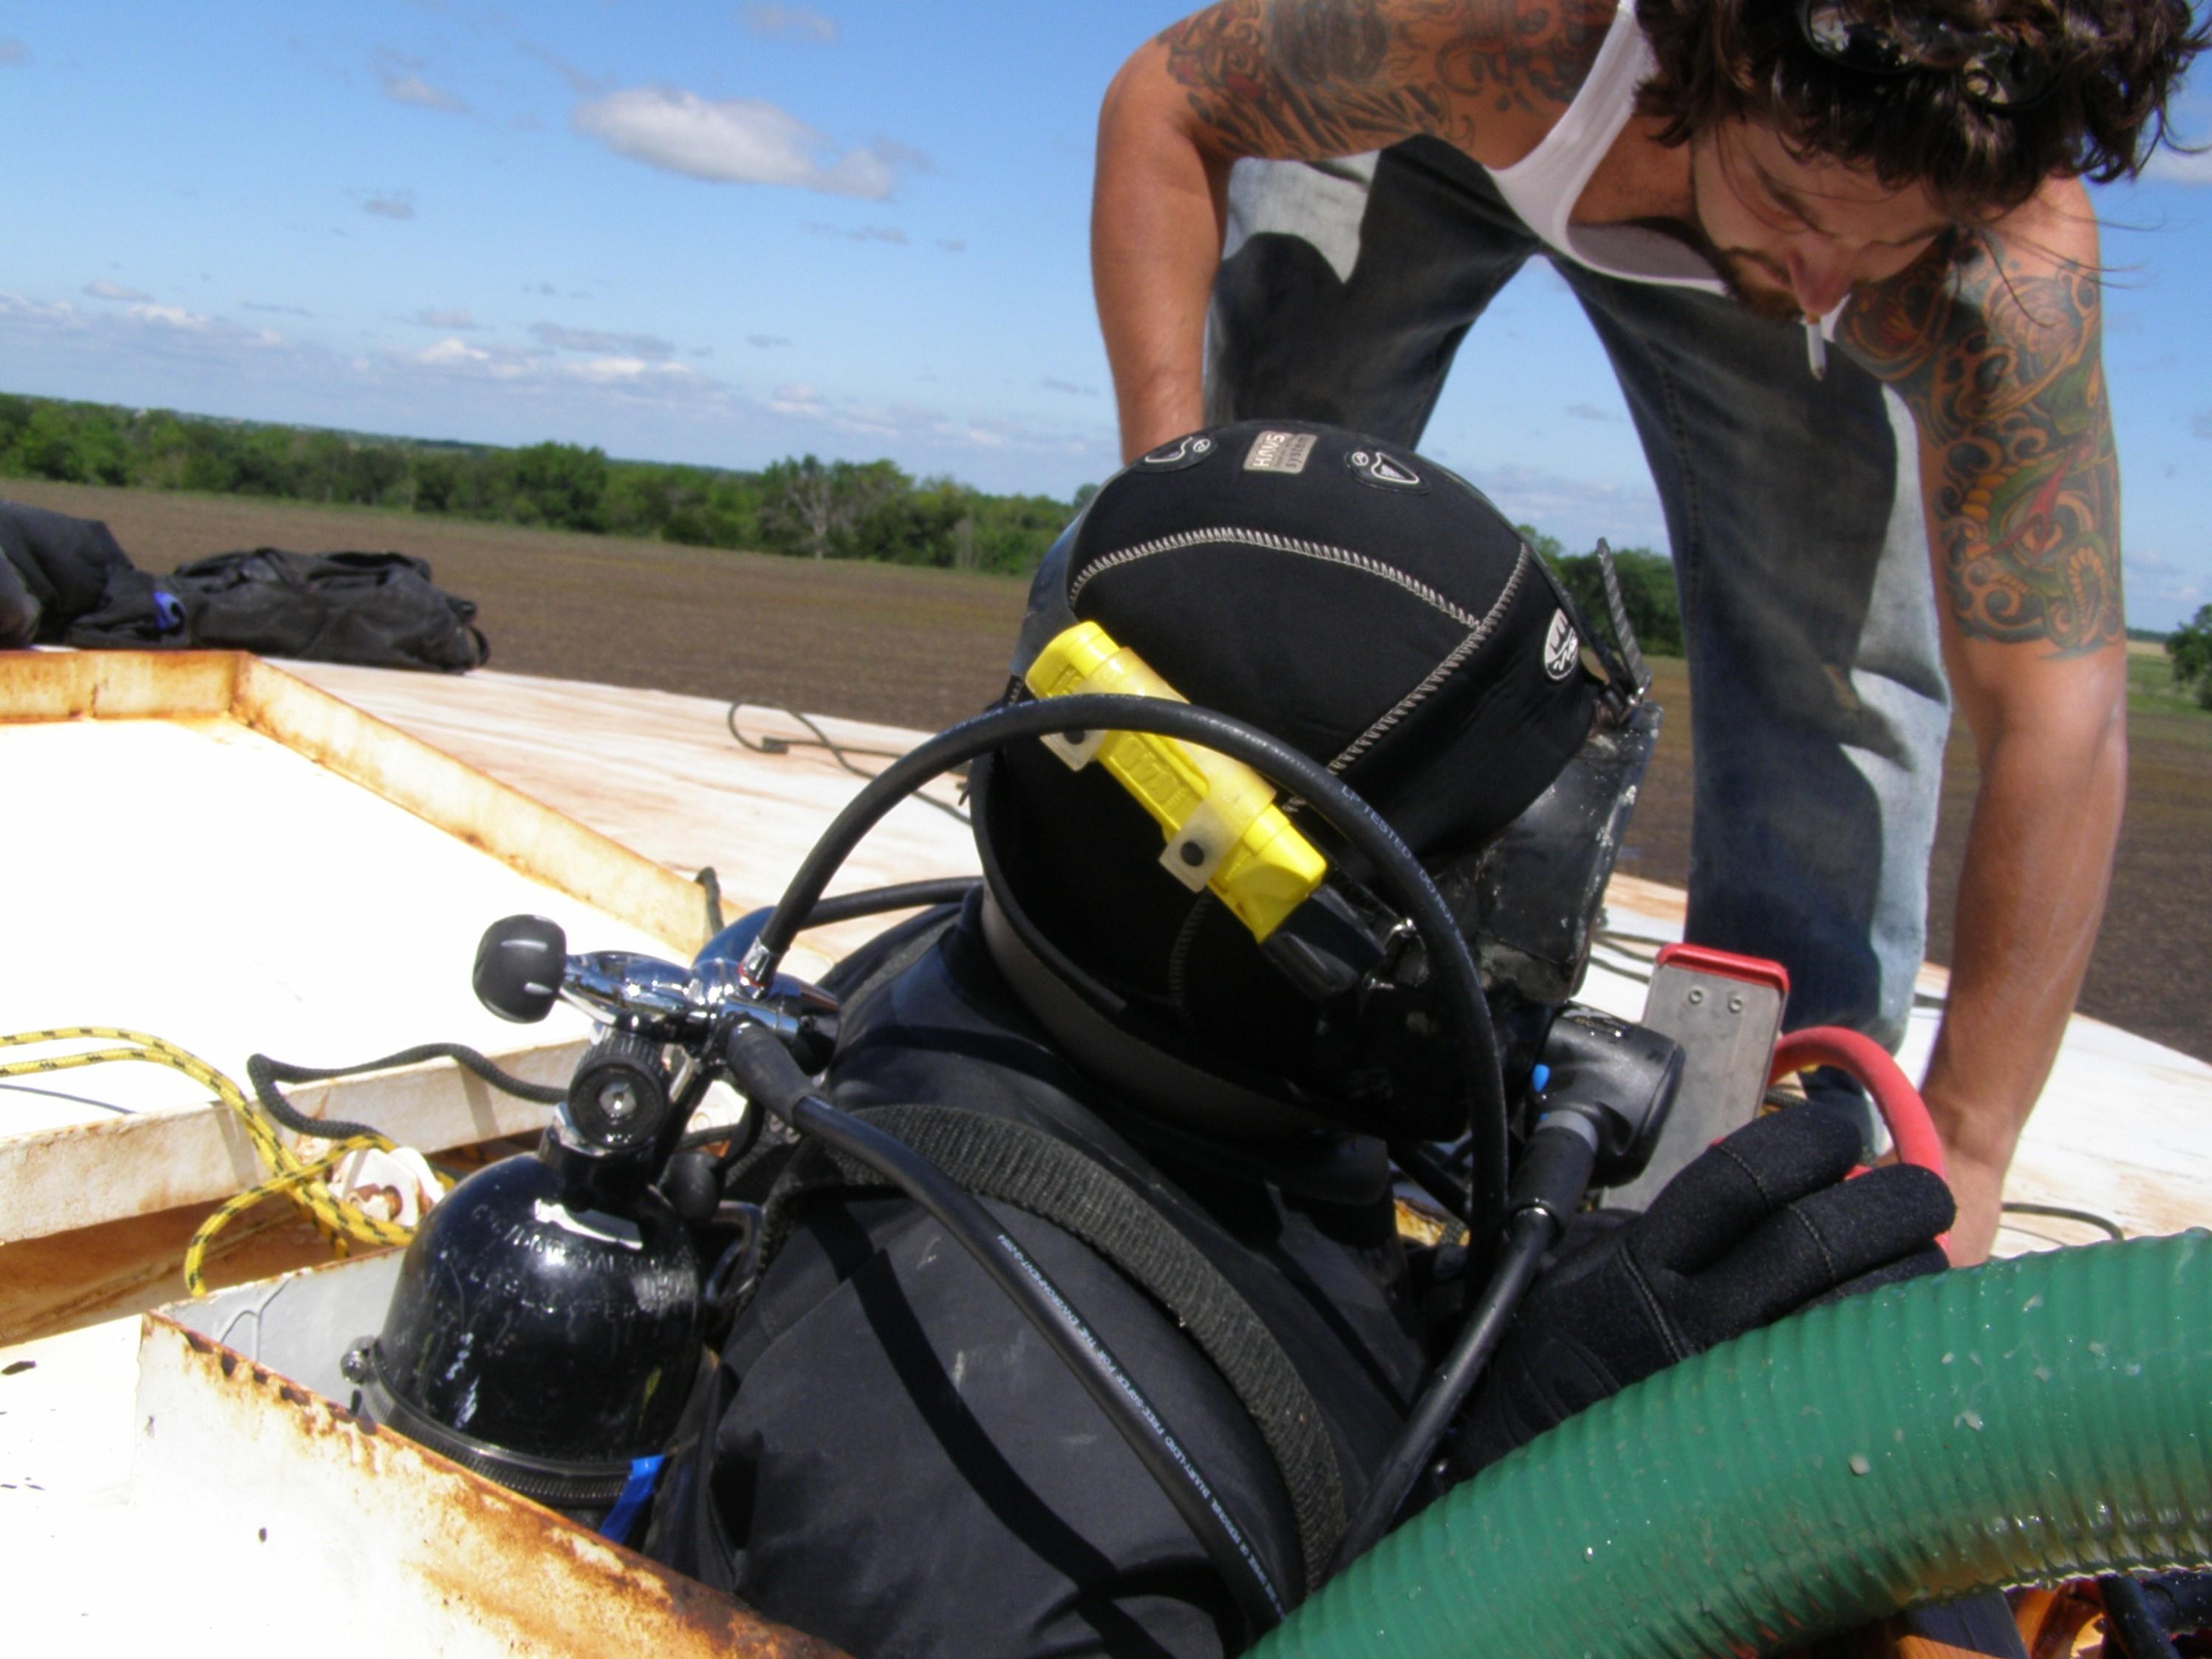 Diver enters tank tocleansediment